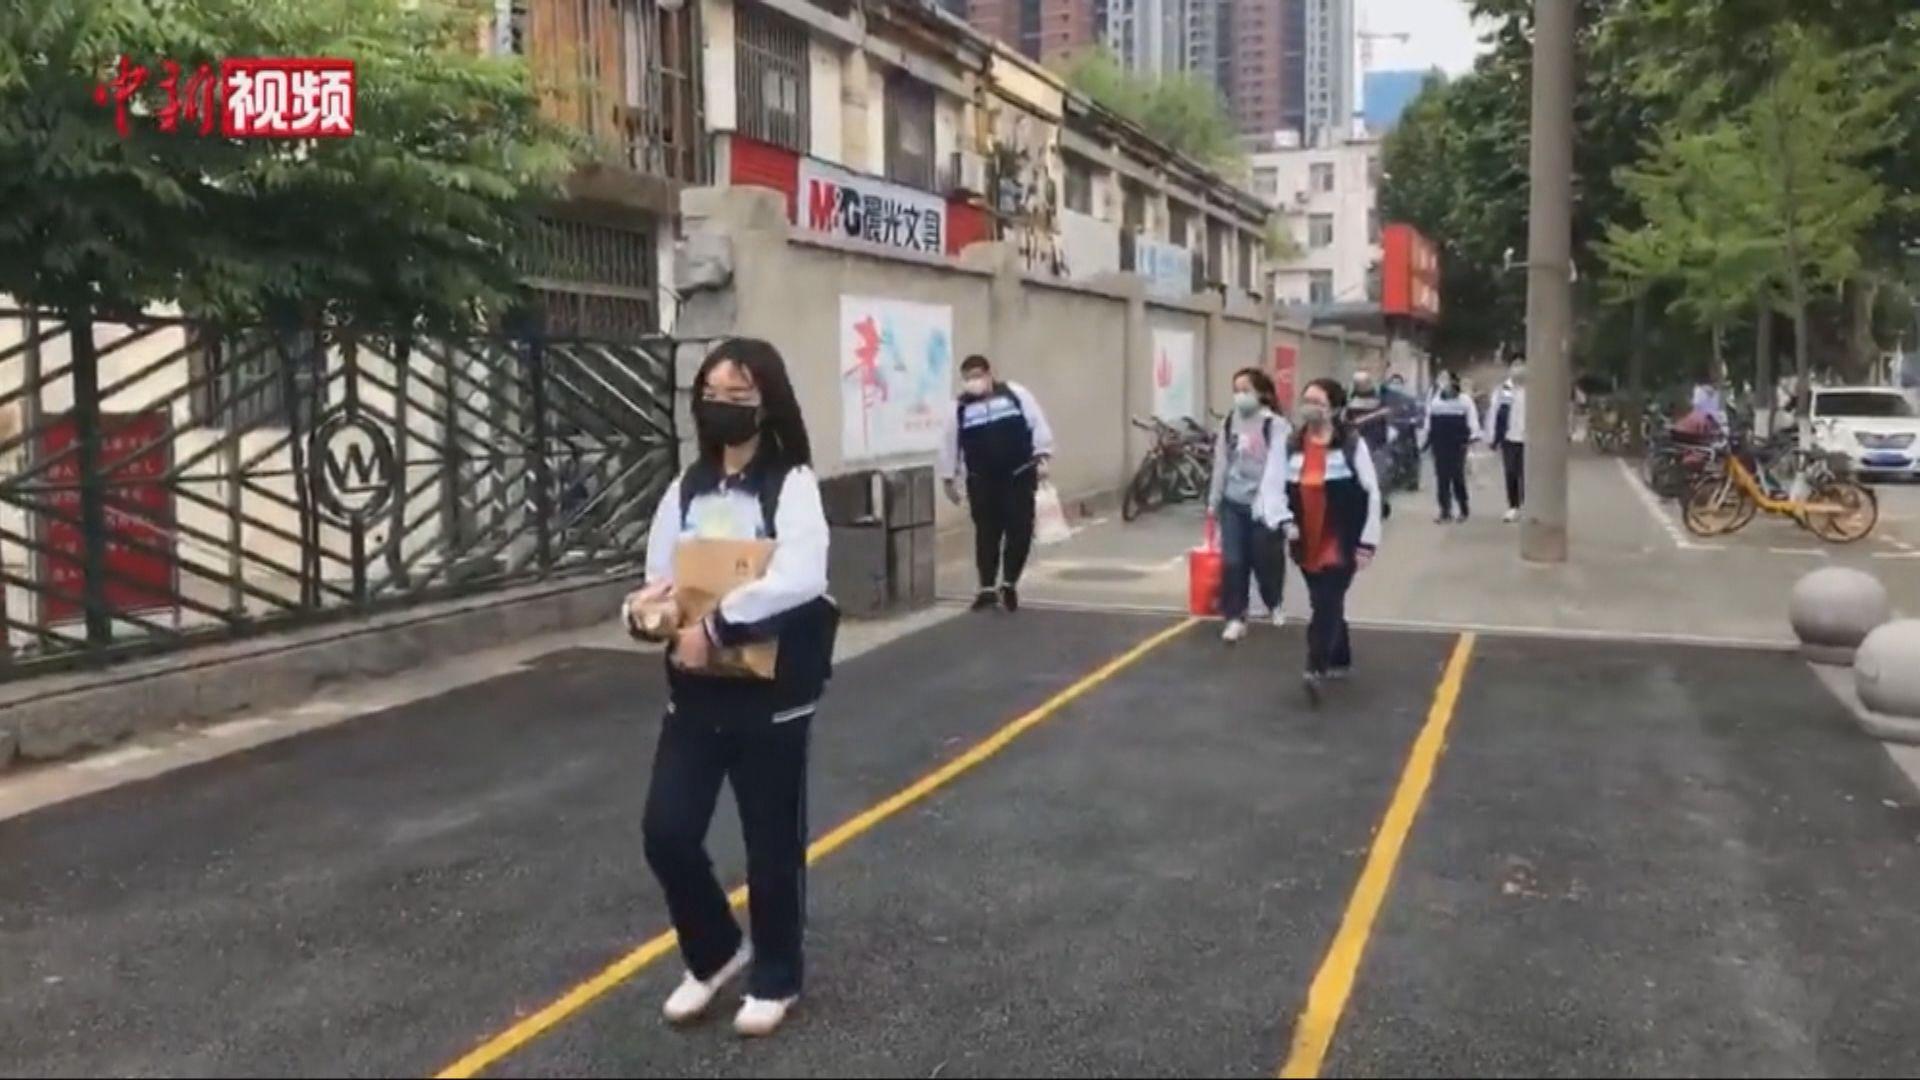 武漢高中三年級學生復課 中央助高校畢業生就業創業